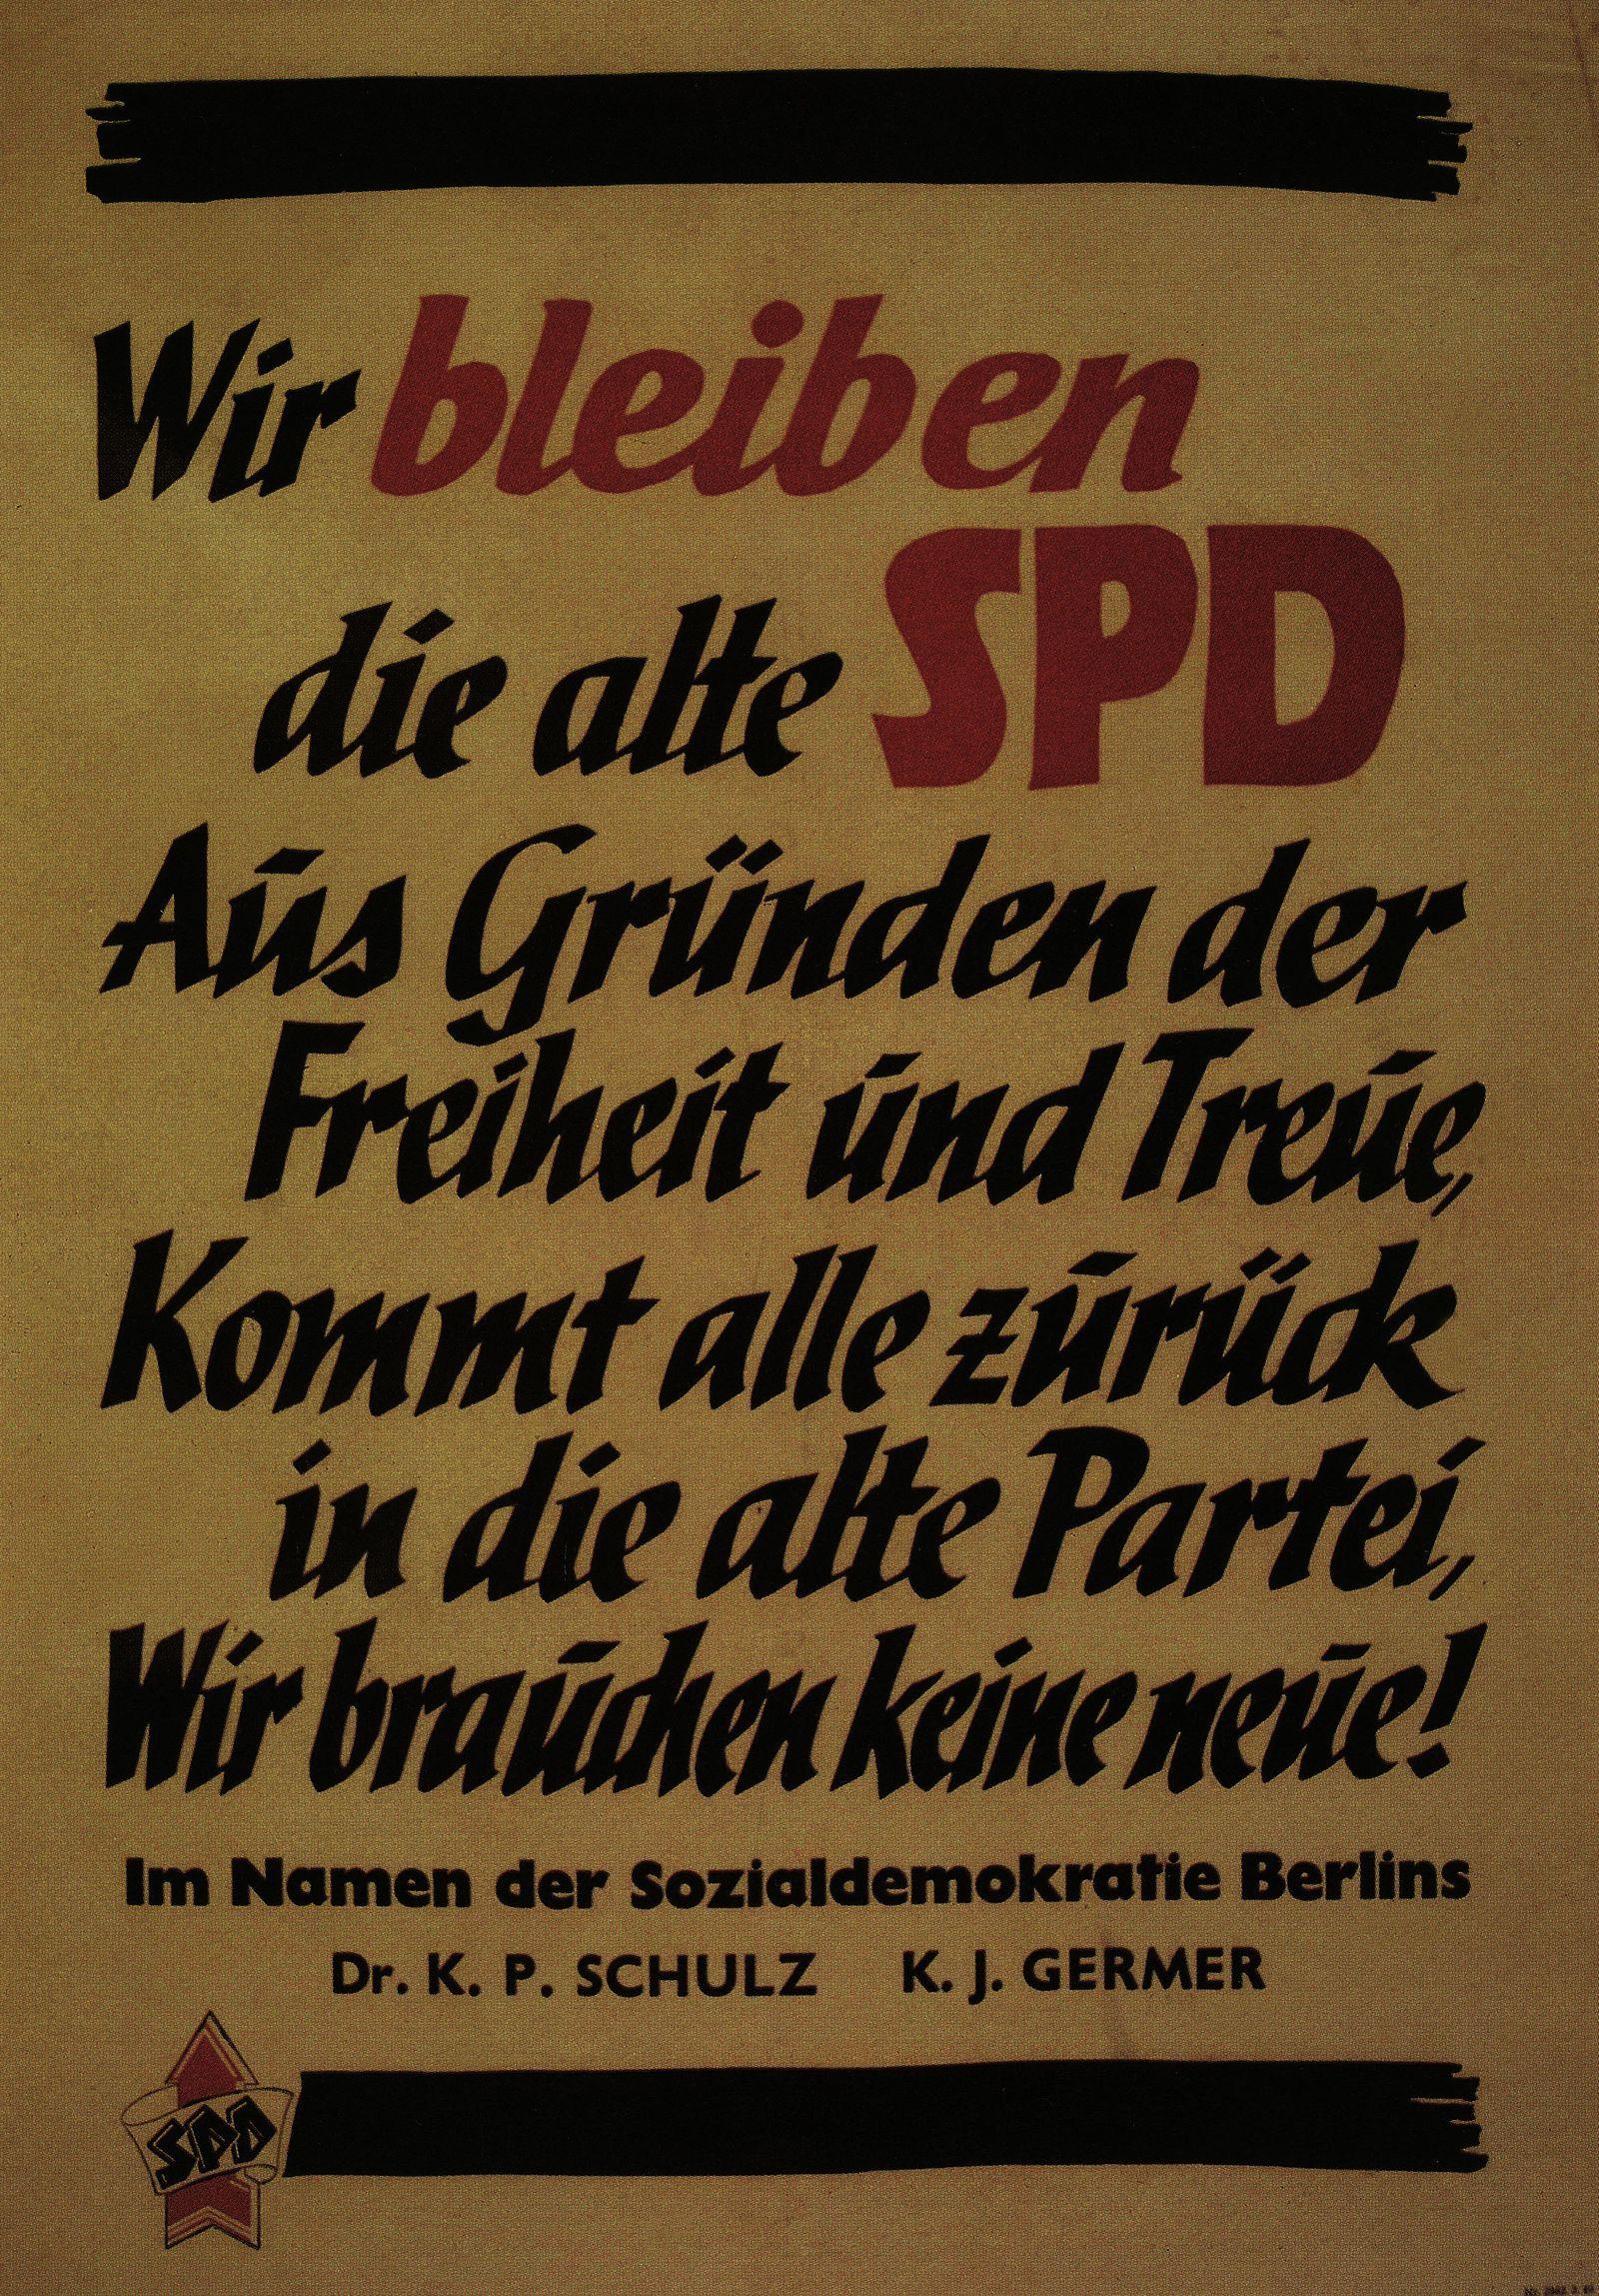 Plakat von Mitgliedern der SPD gegen die geplante Vereinigung von SPD und KPD zur SED